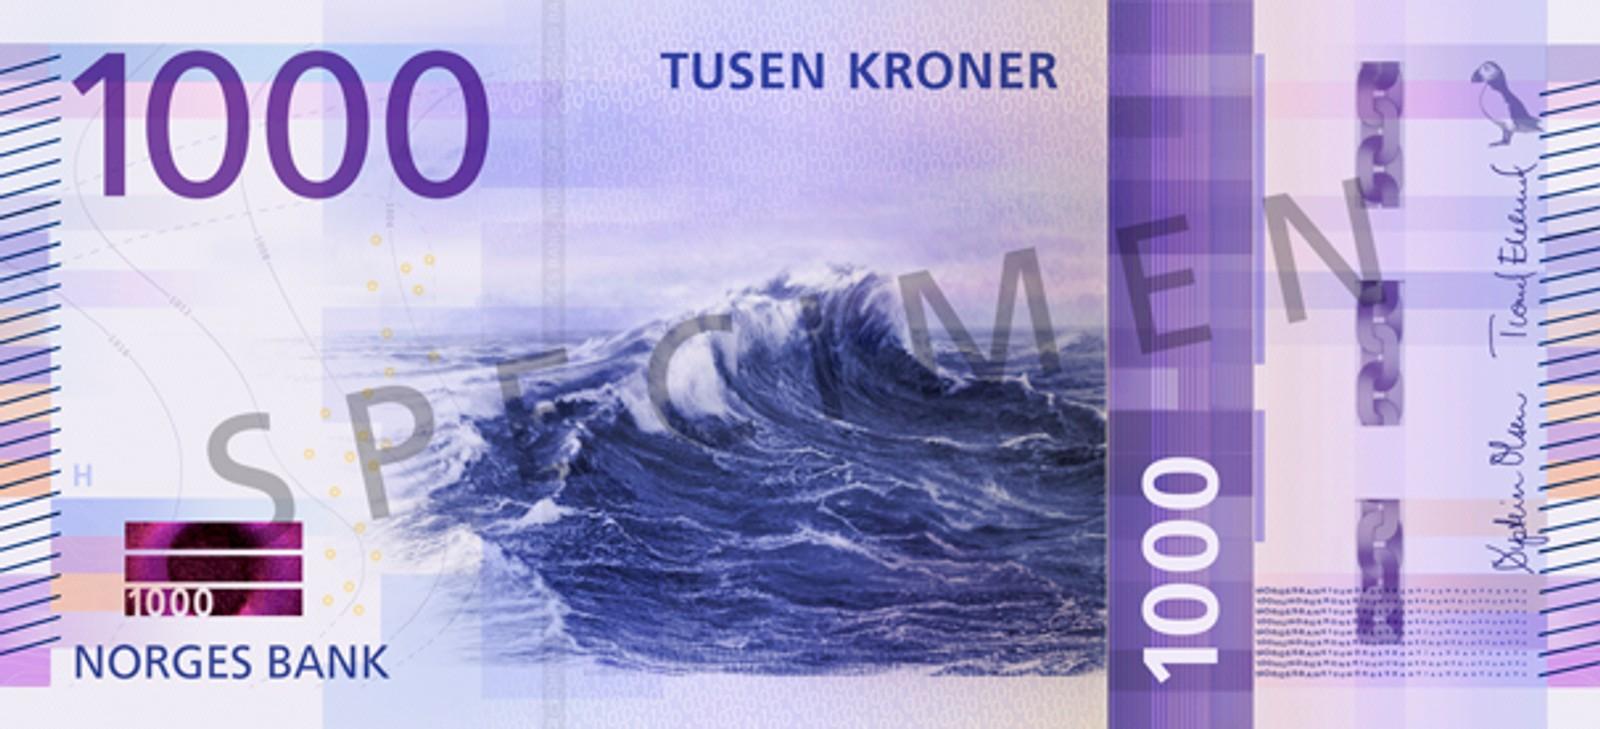 Hovedmotivet på 1000-kroneseddelen er en bølge på åpent hav. 1000-kroneseddelen skal tas i bruk 4. kvartal 2019.